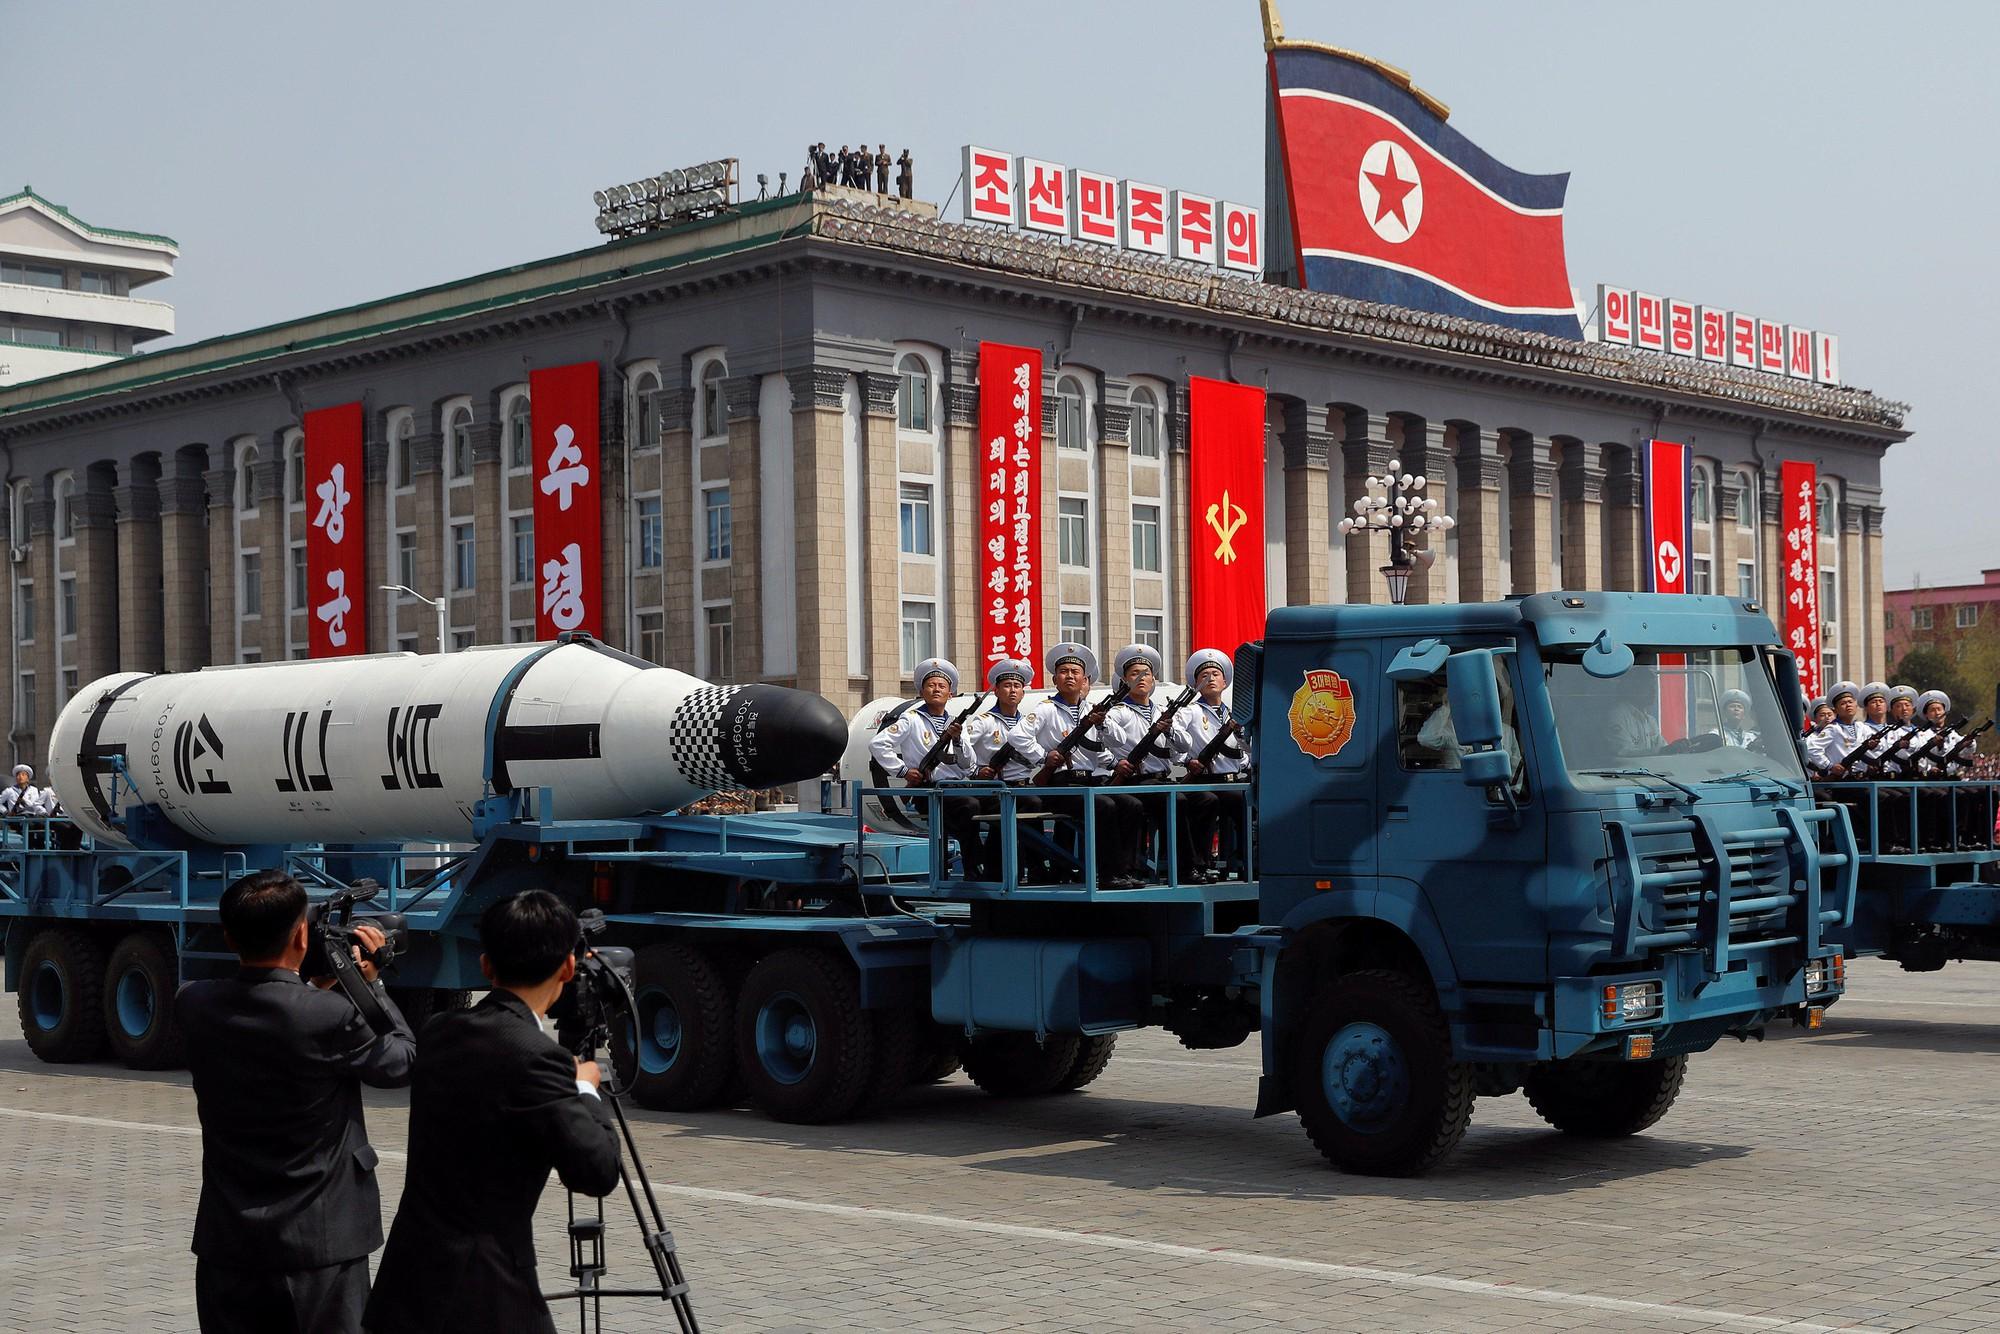 Triều Tiên bất ngờ bắn tên lửa ra biển Nhật Bản - Ảnh 1.